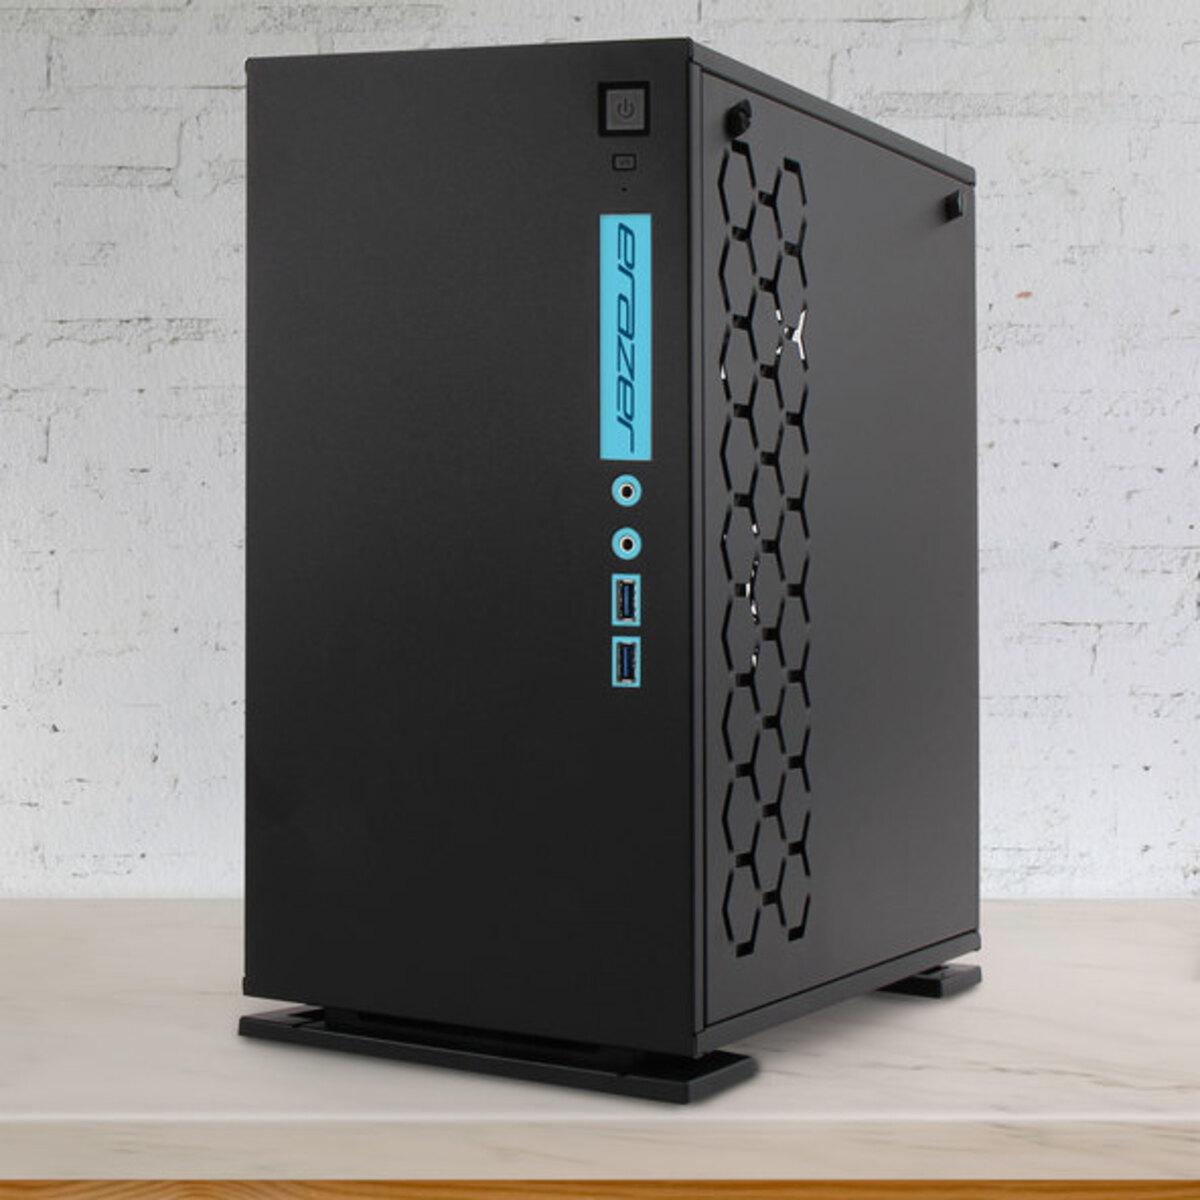 Bild 1 von Gaming-PC MEDION ERAZER ENGINEER X10, Intel Core i5